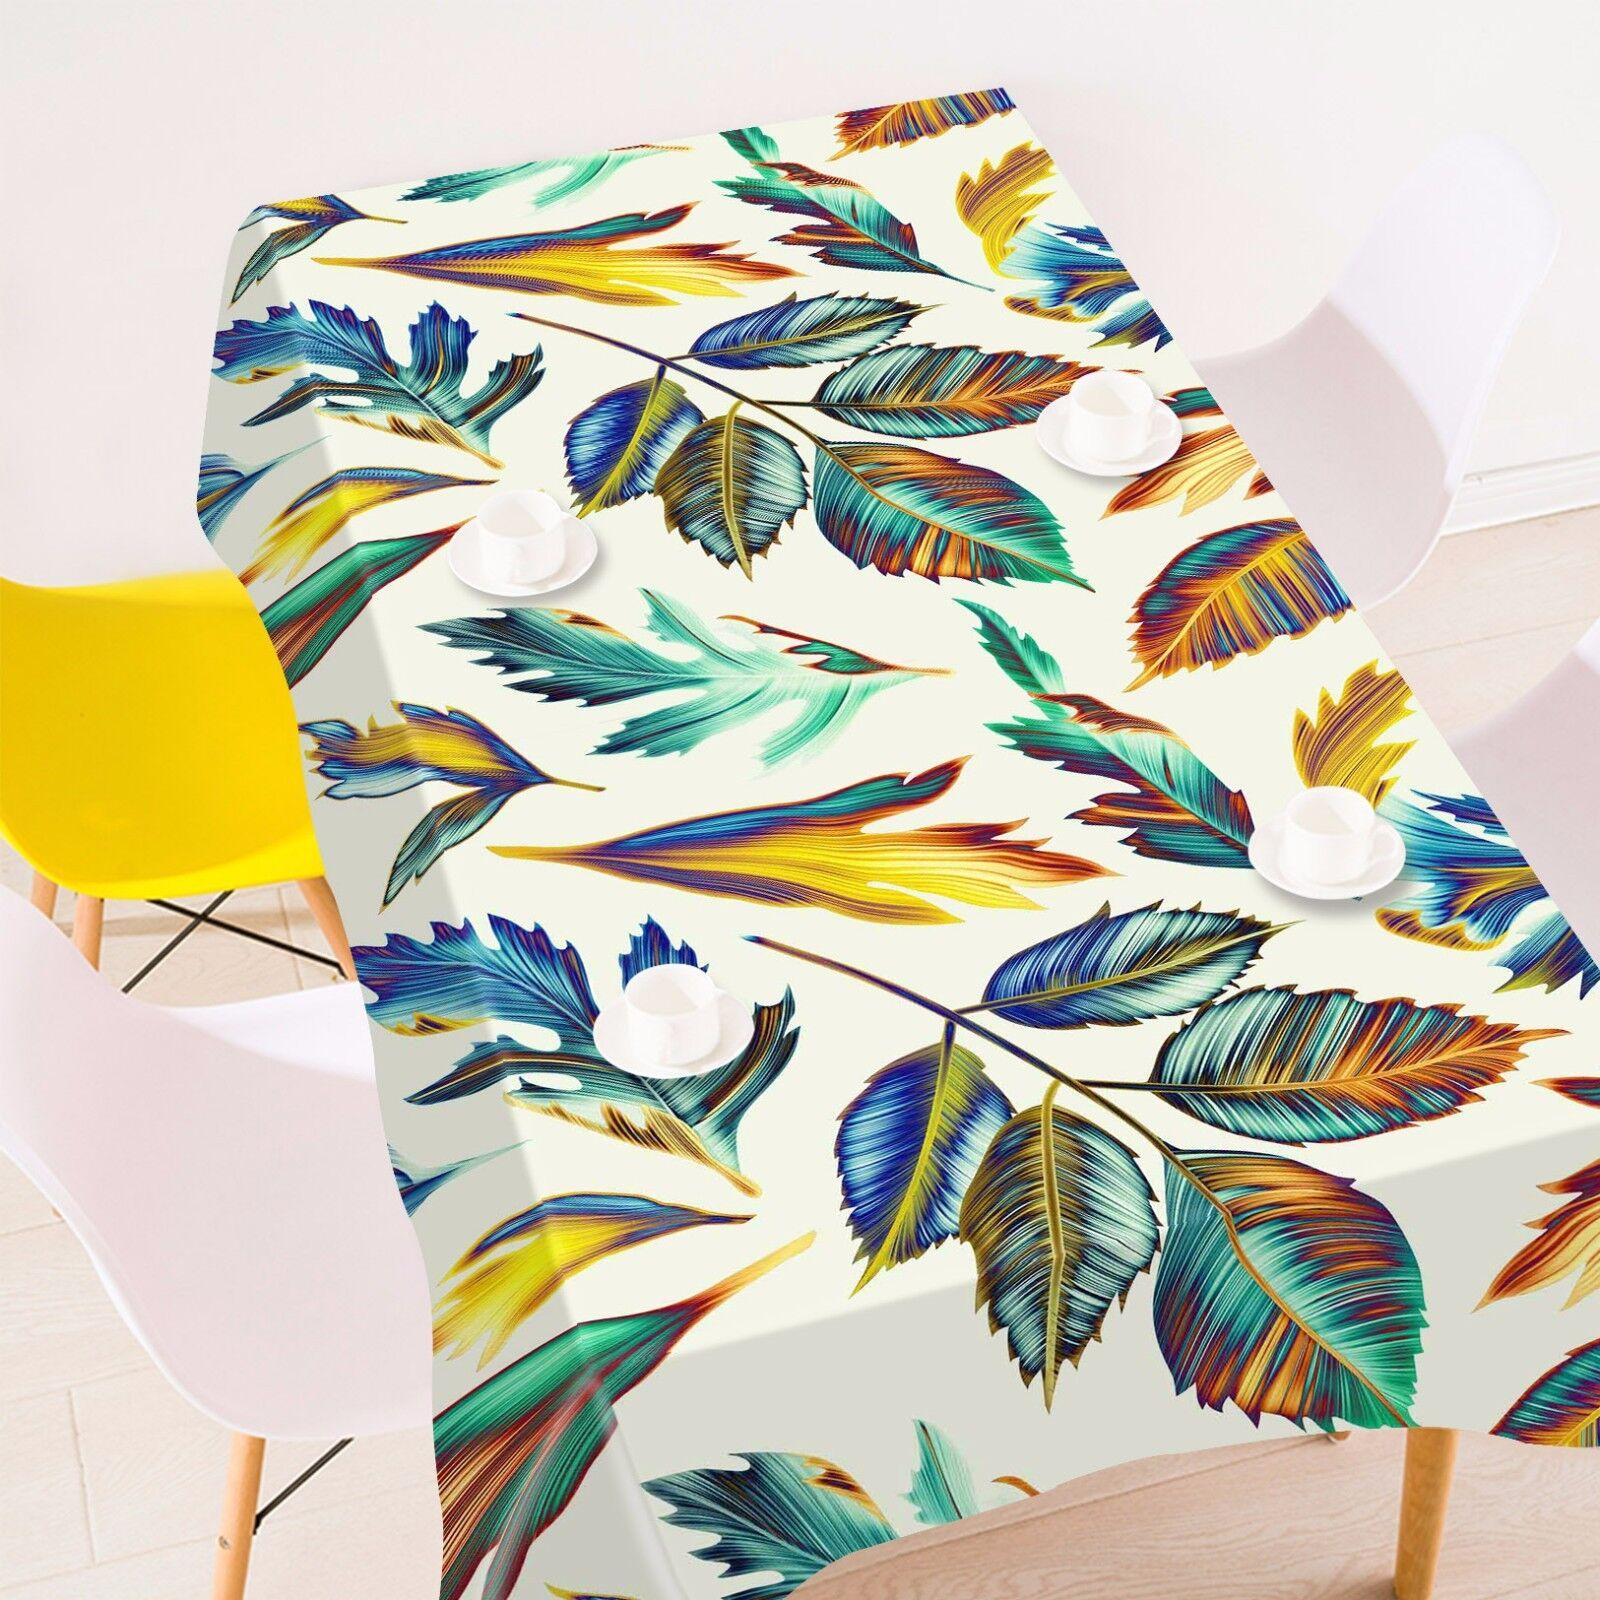 3D feuilles 926 Nappe Table Cover Cloth Fête D'Anniversaire événement AJ papier peint UK